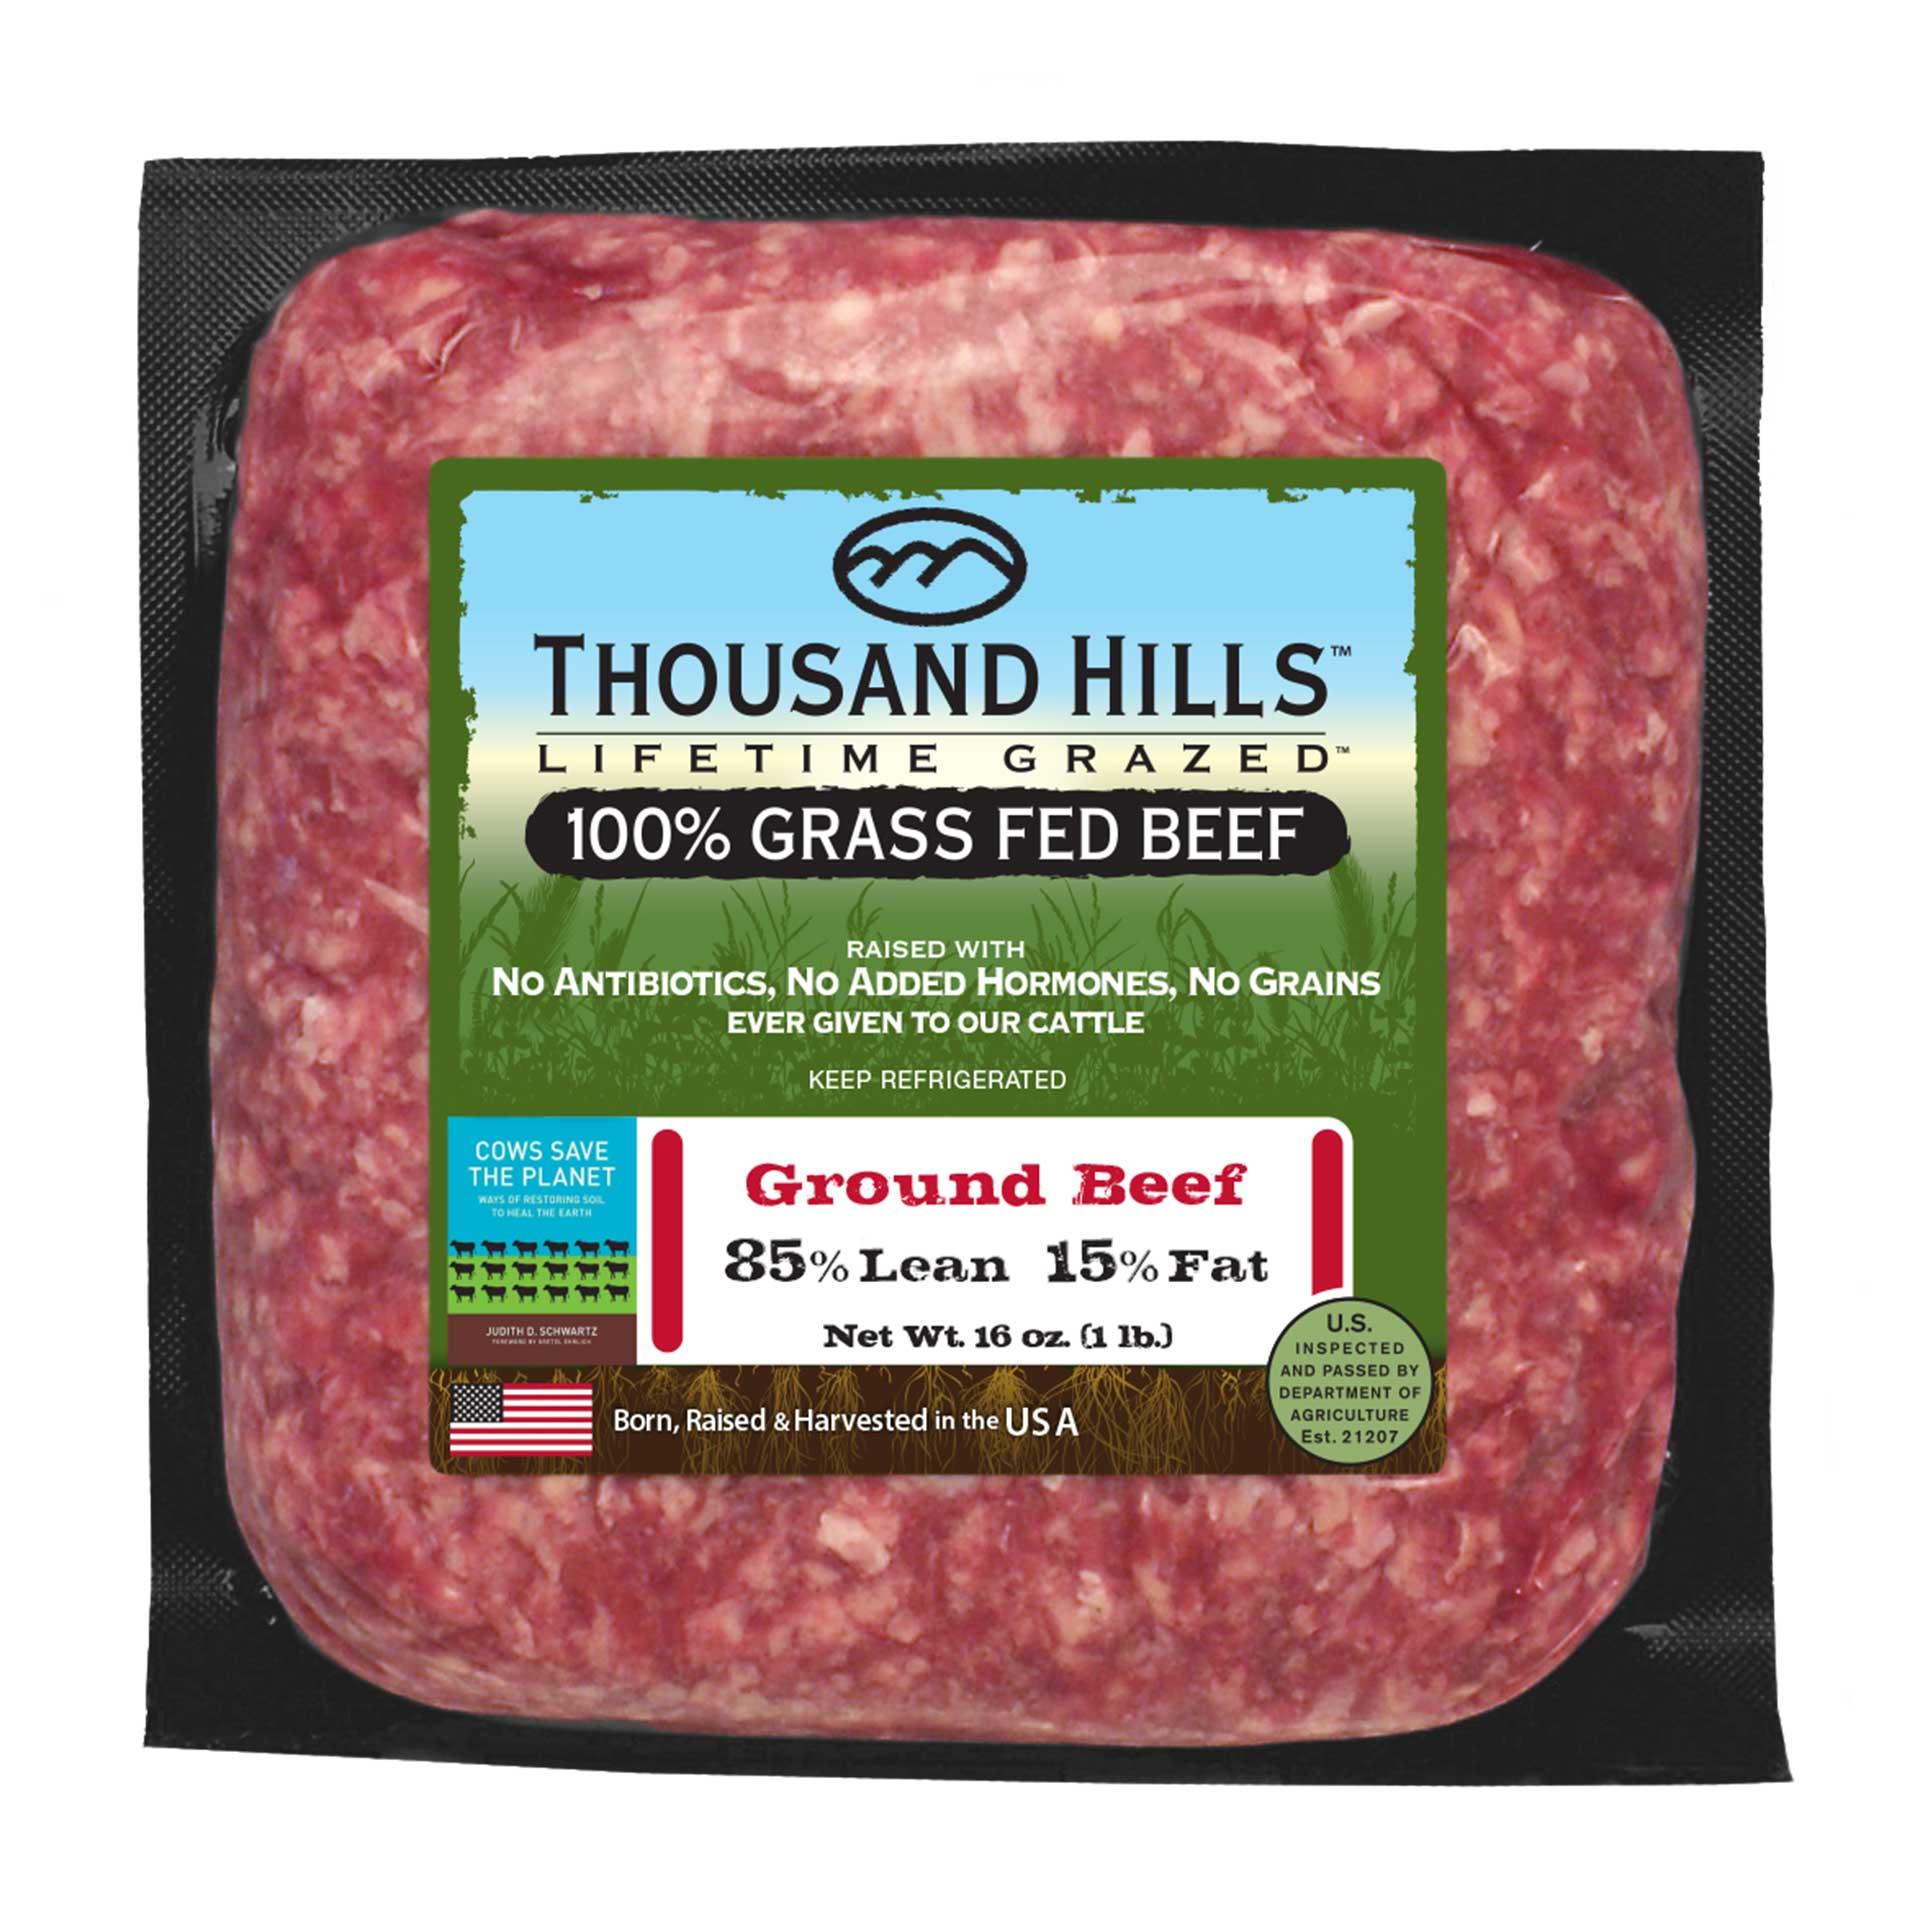 Thousand Hills Ground Beef